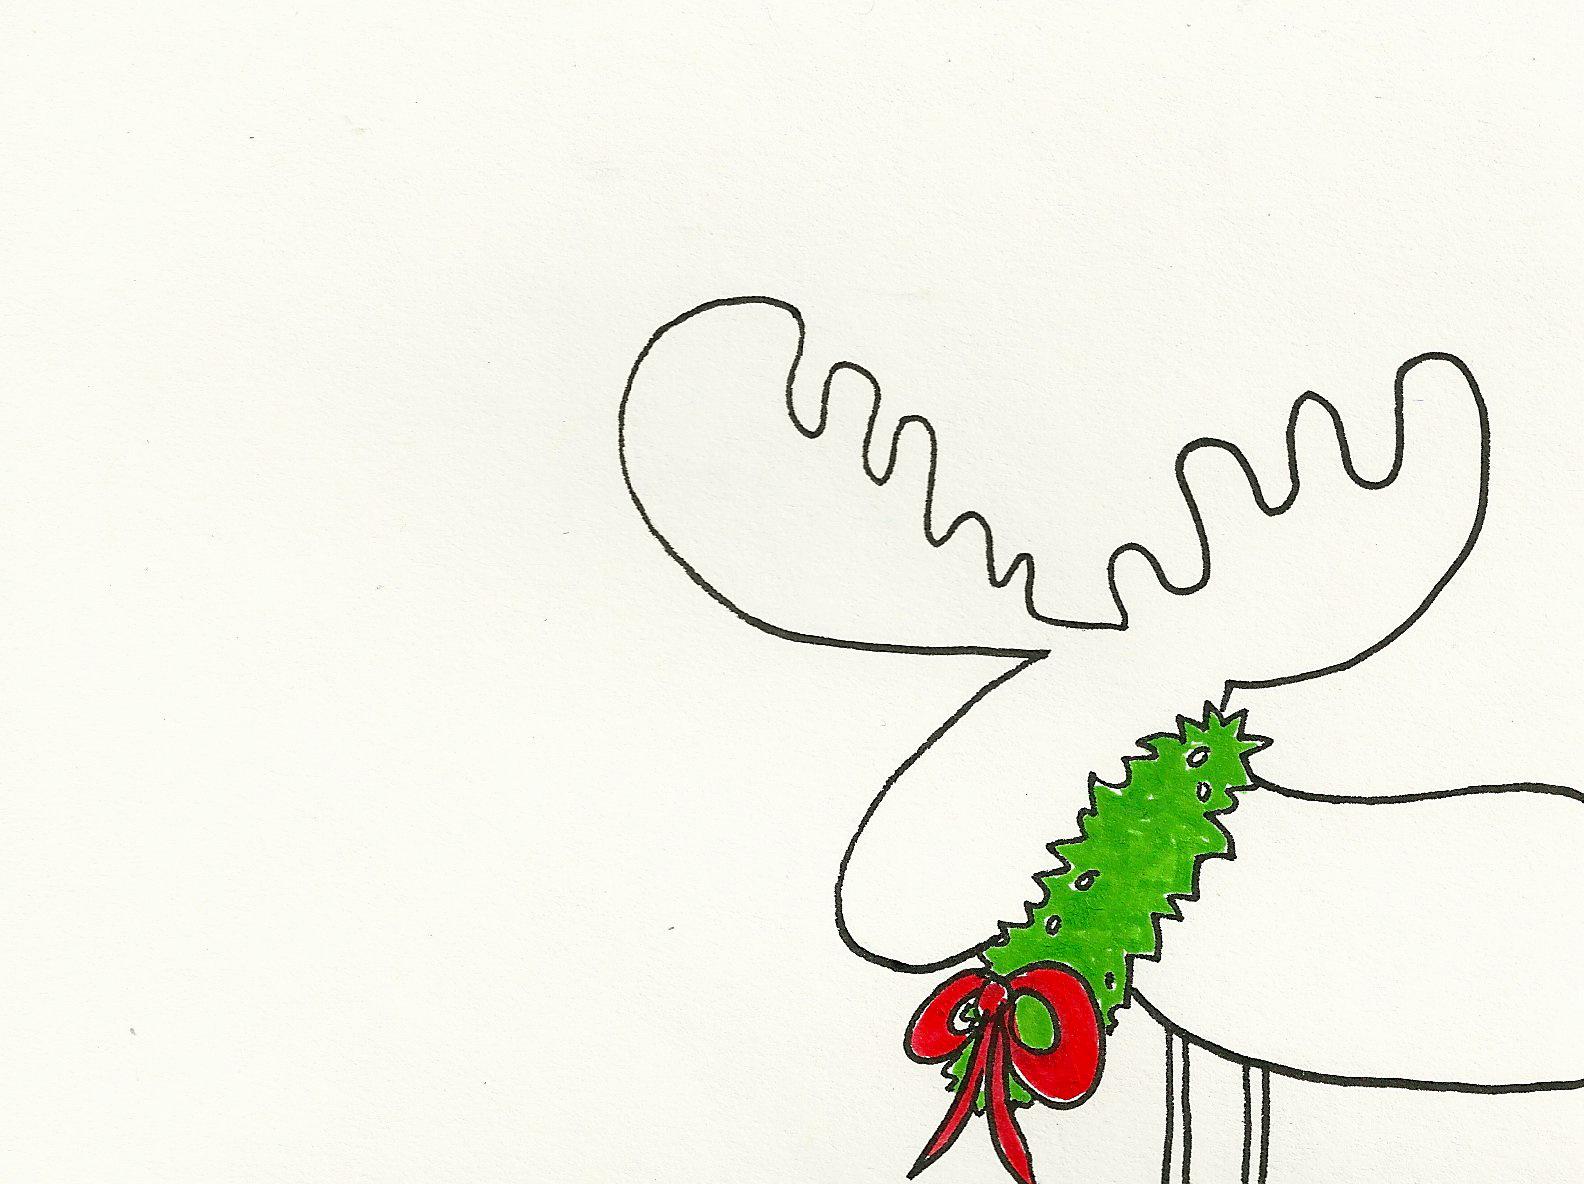 Debbie Dots Greeting Card Blog: Colorado Christmas Cards